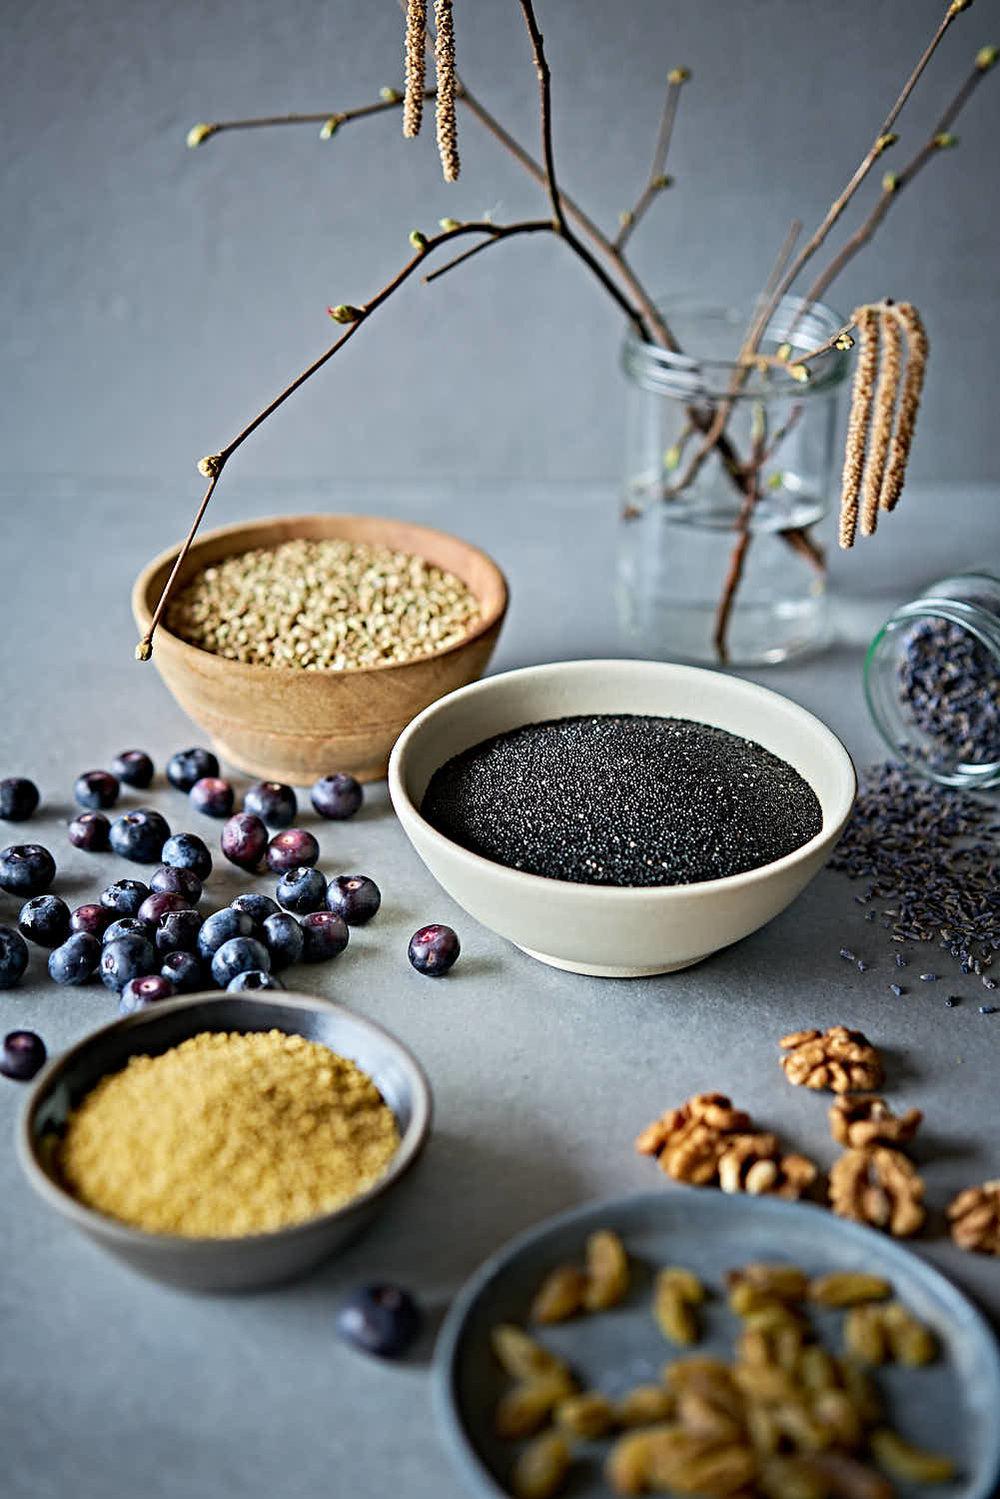 Hirse-Buchweizen-Amaranth-Speise - glutenfrei